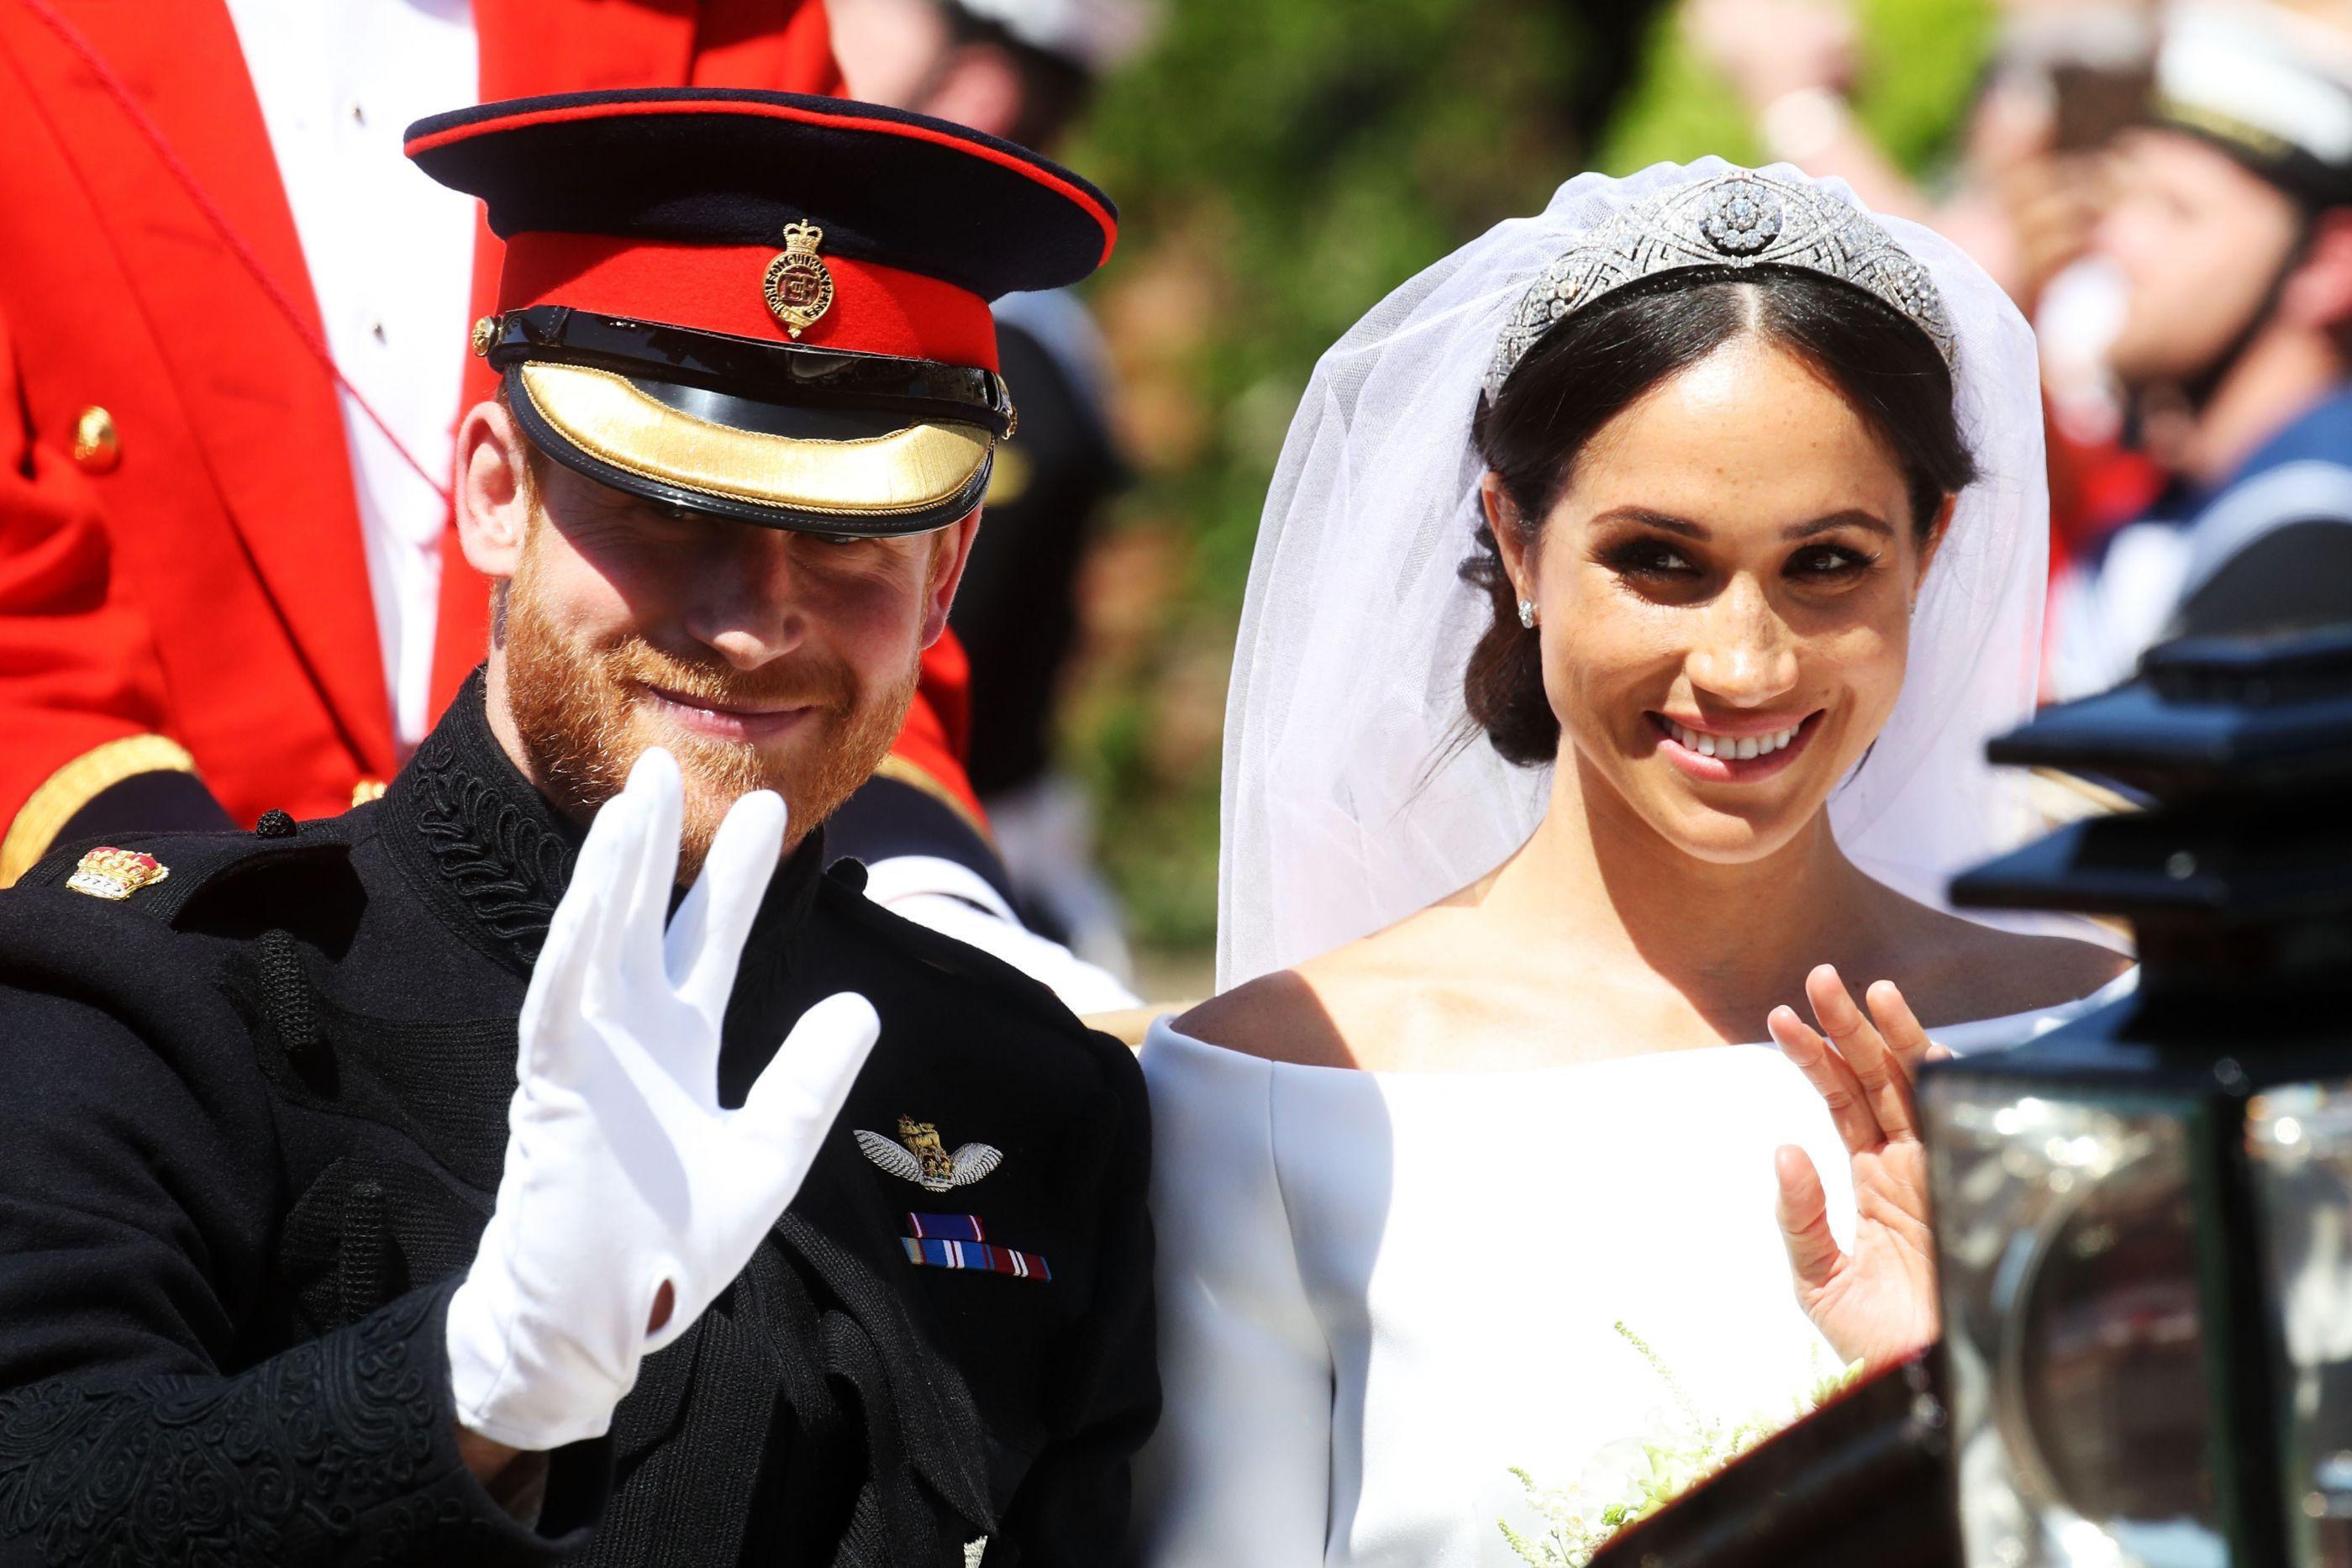 É oficial: Meghan Markle e Harry vão deixar o palácio de Kensington